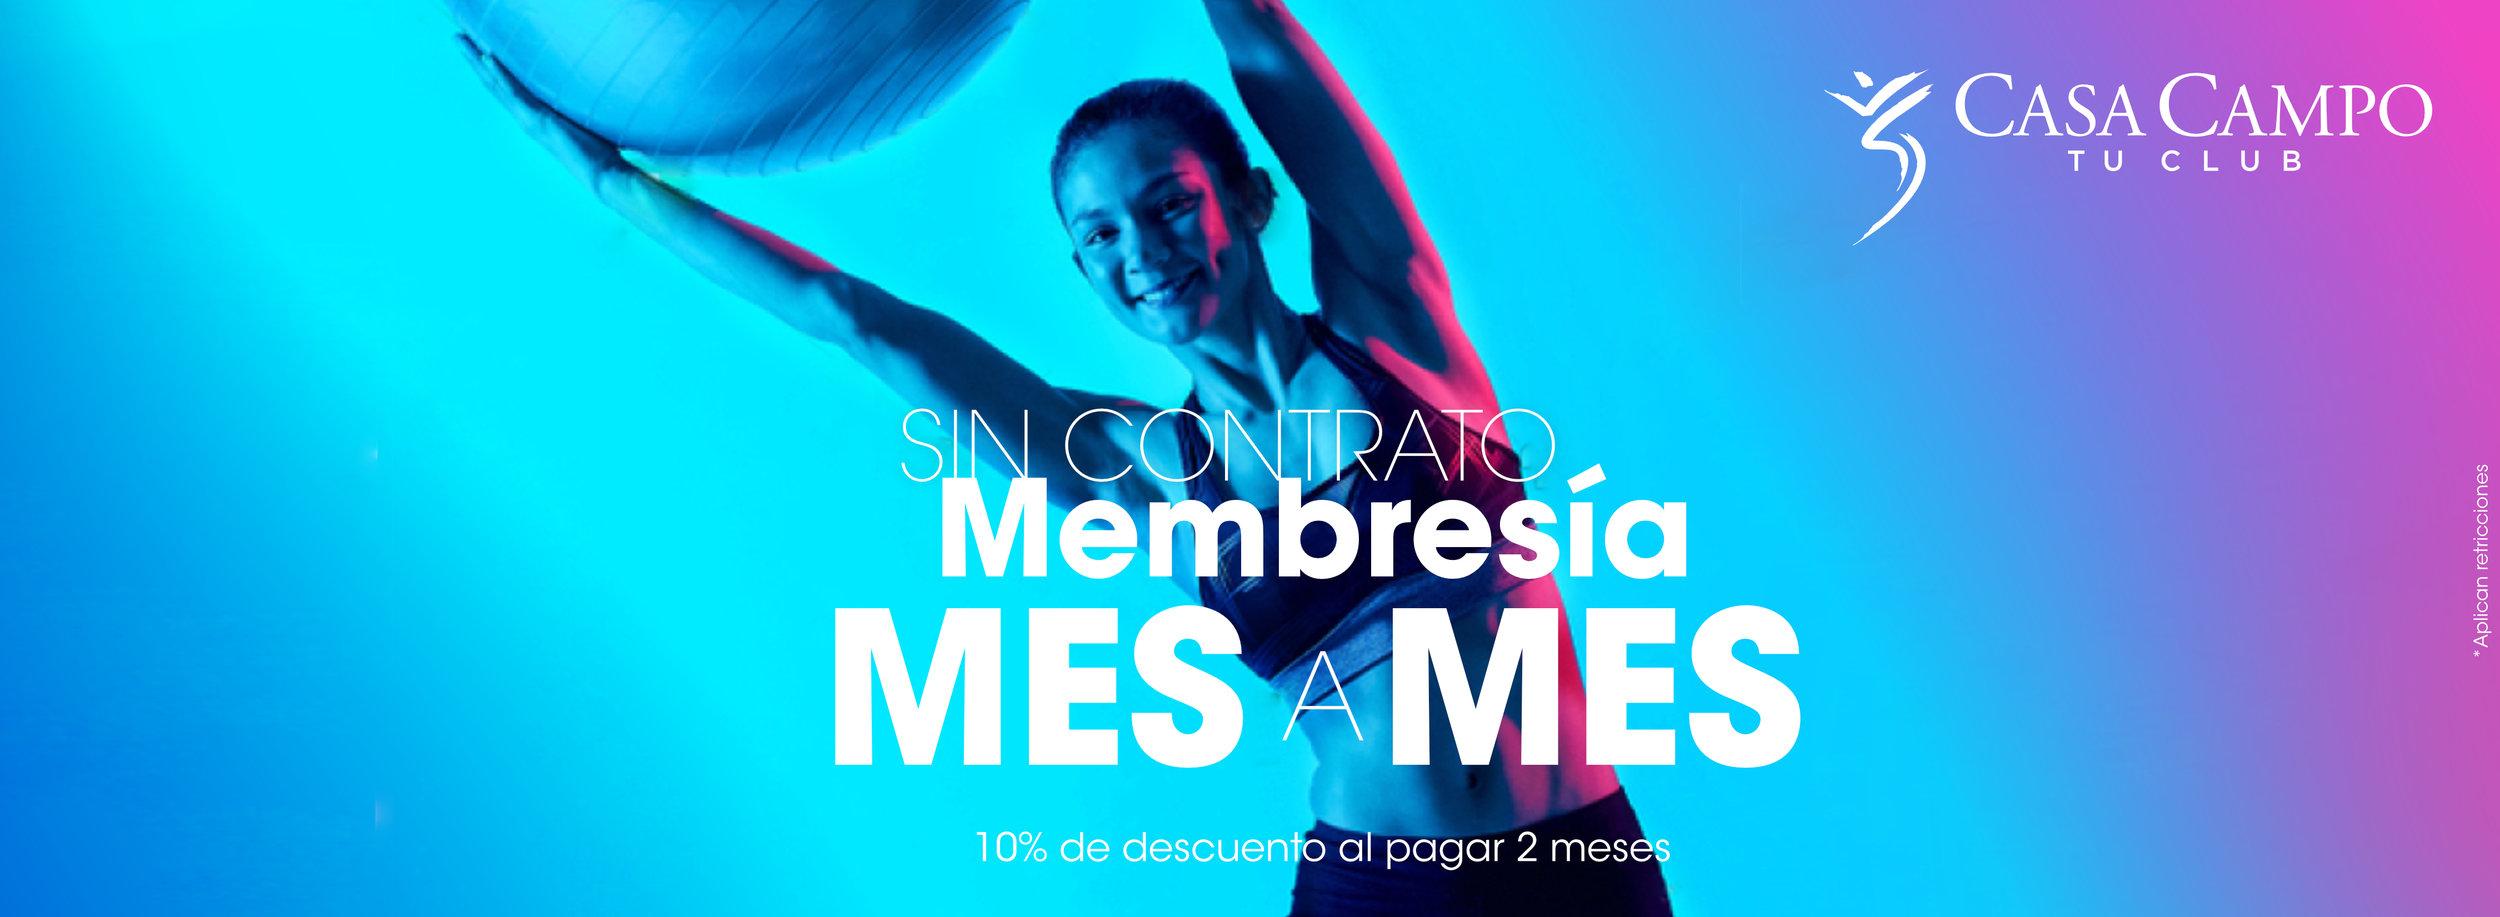 portada_facebook_mes_a_mes.jpg